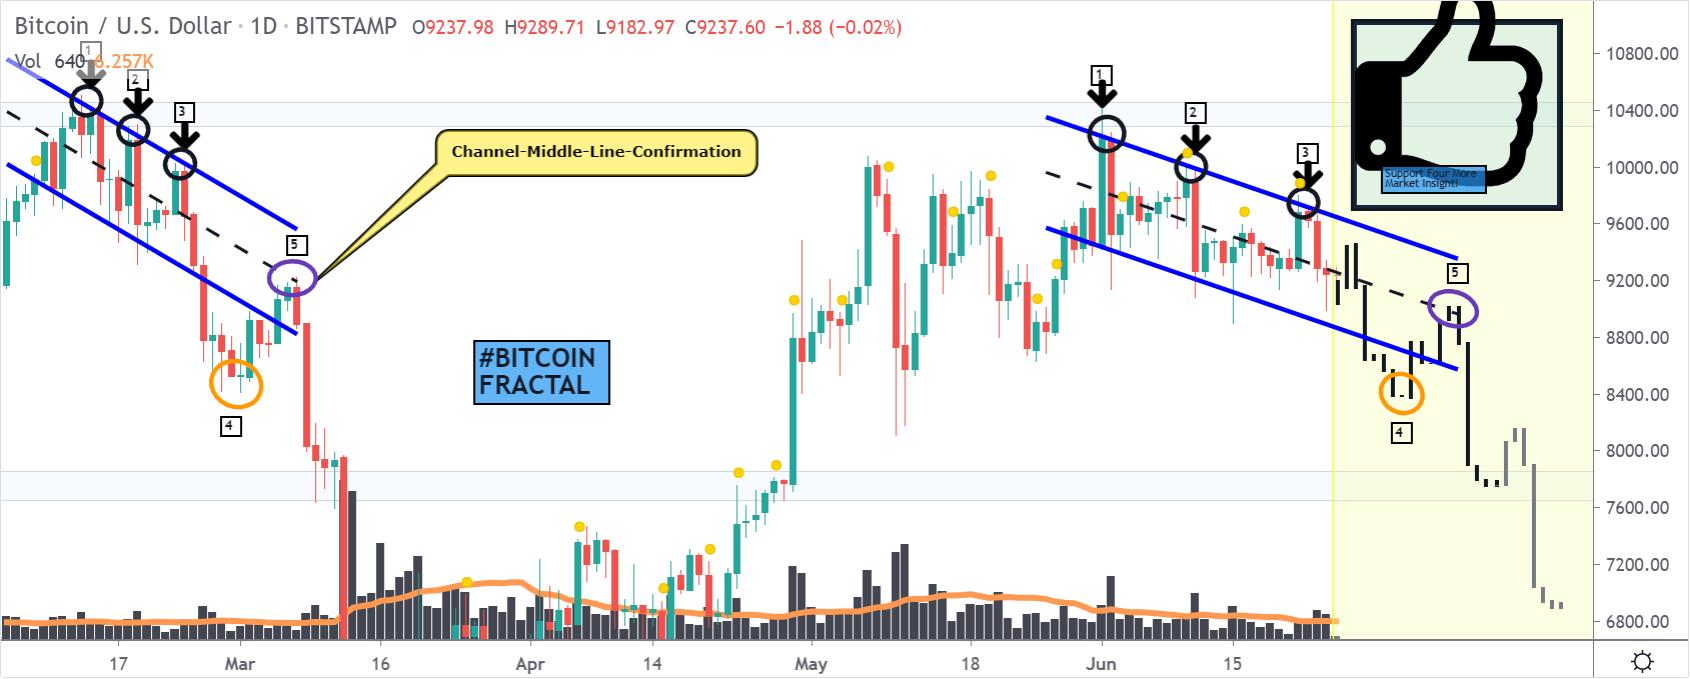 Bitcoin price chart 3 - 25 June